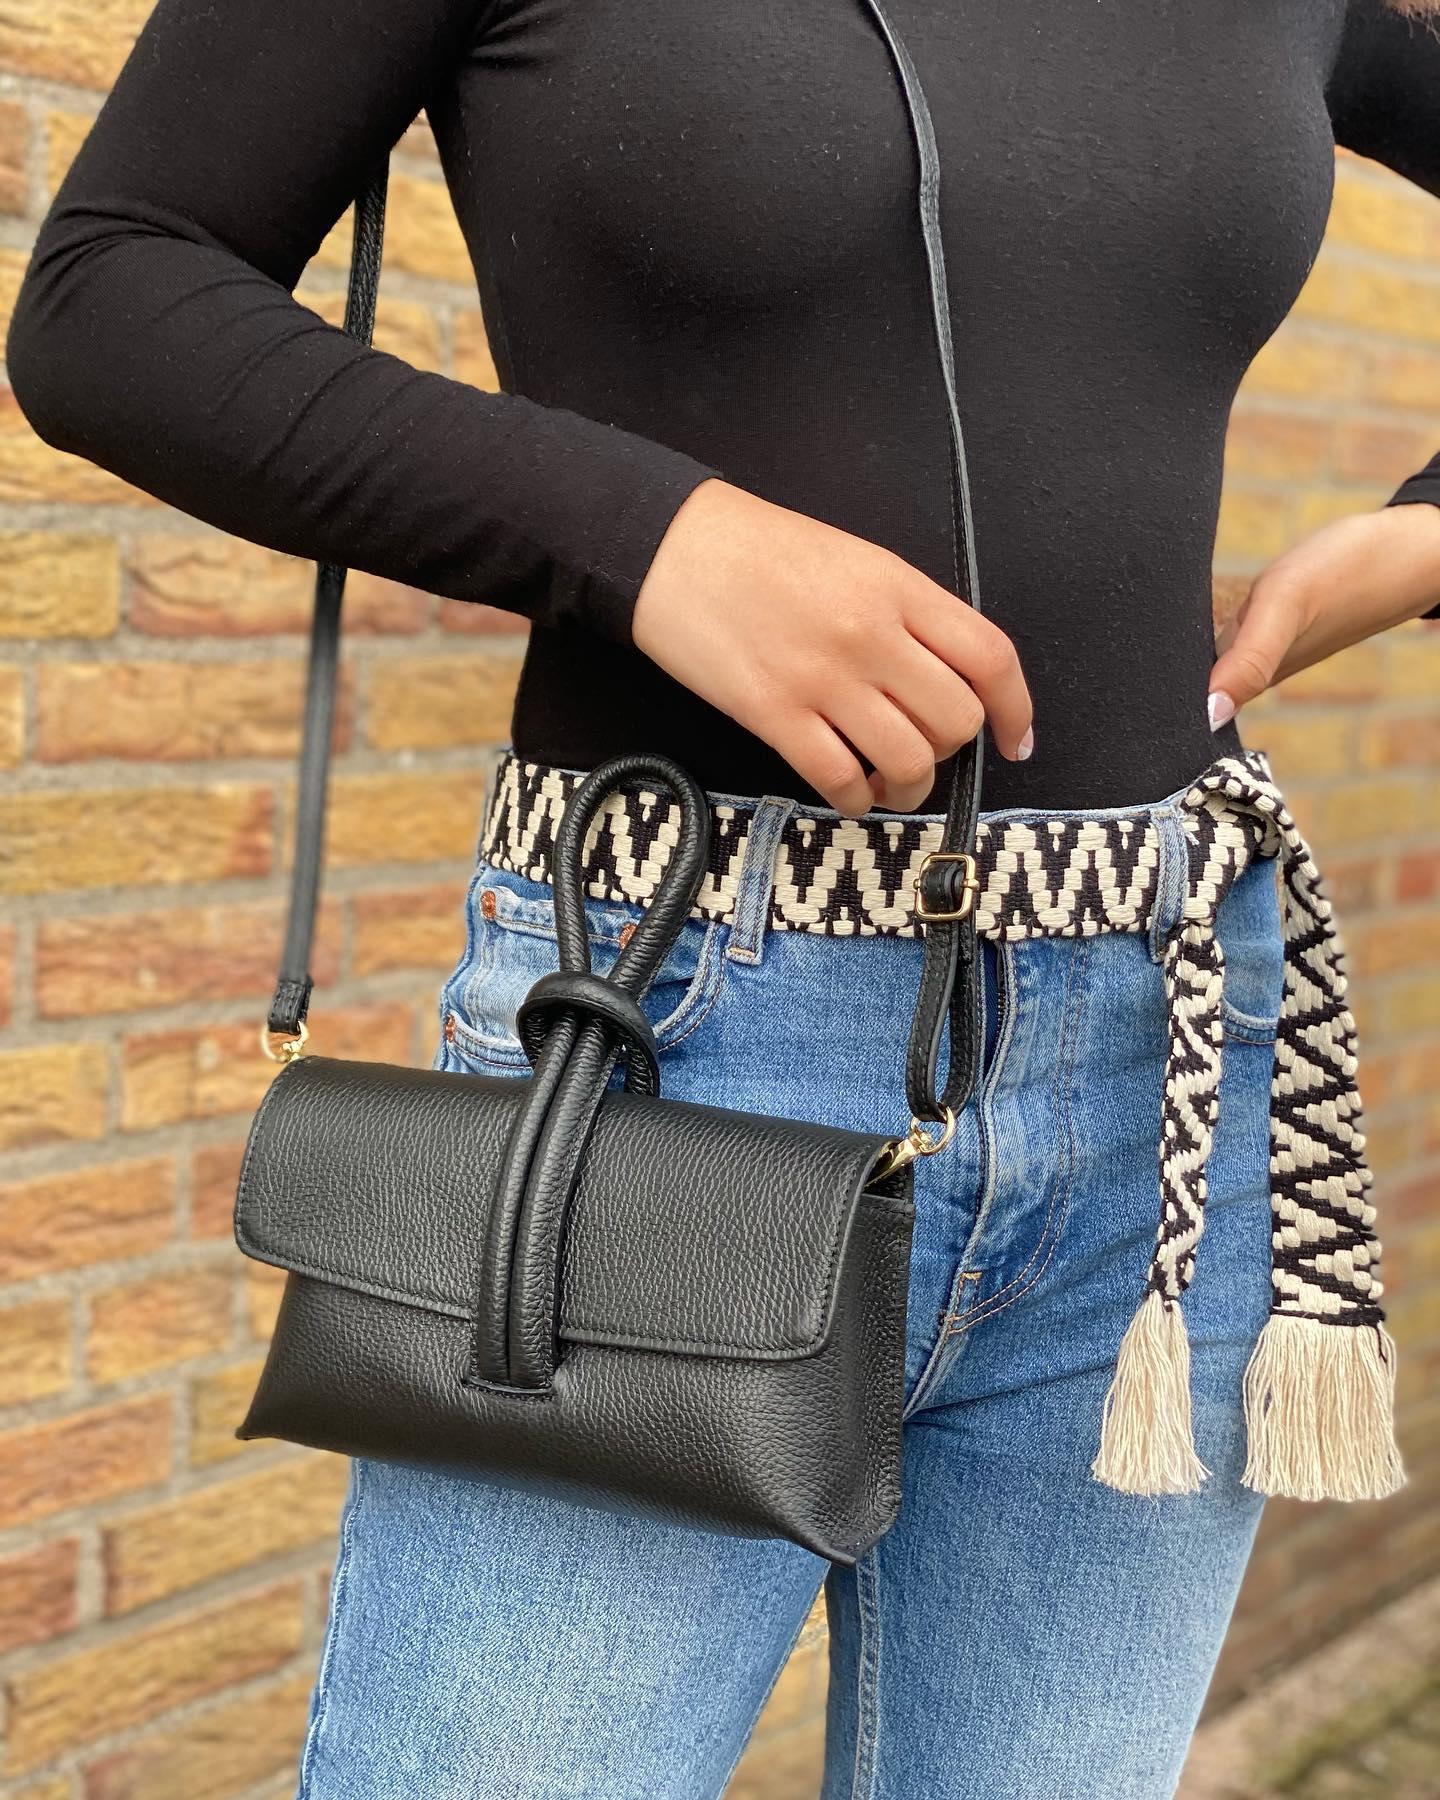 Leren Schoudertas Sandy zwart zwarte schoudertassen look a like tassen trendy musthave fashion tas giuliano kopen bestellen it bags